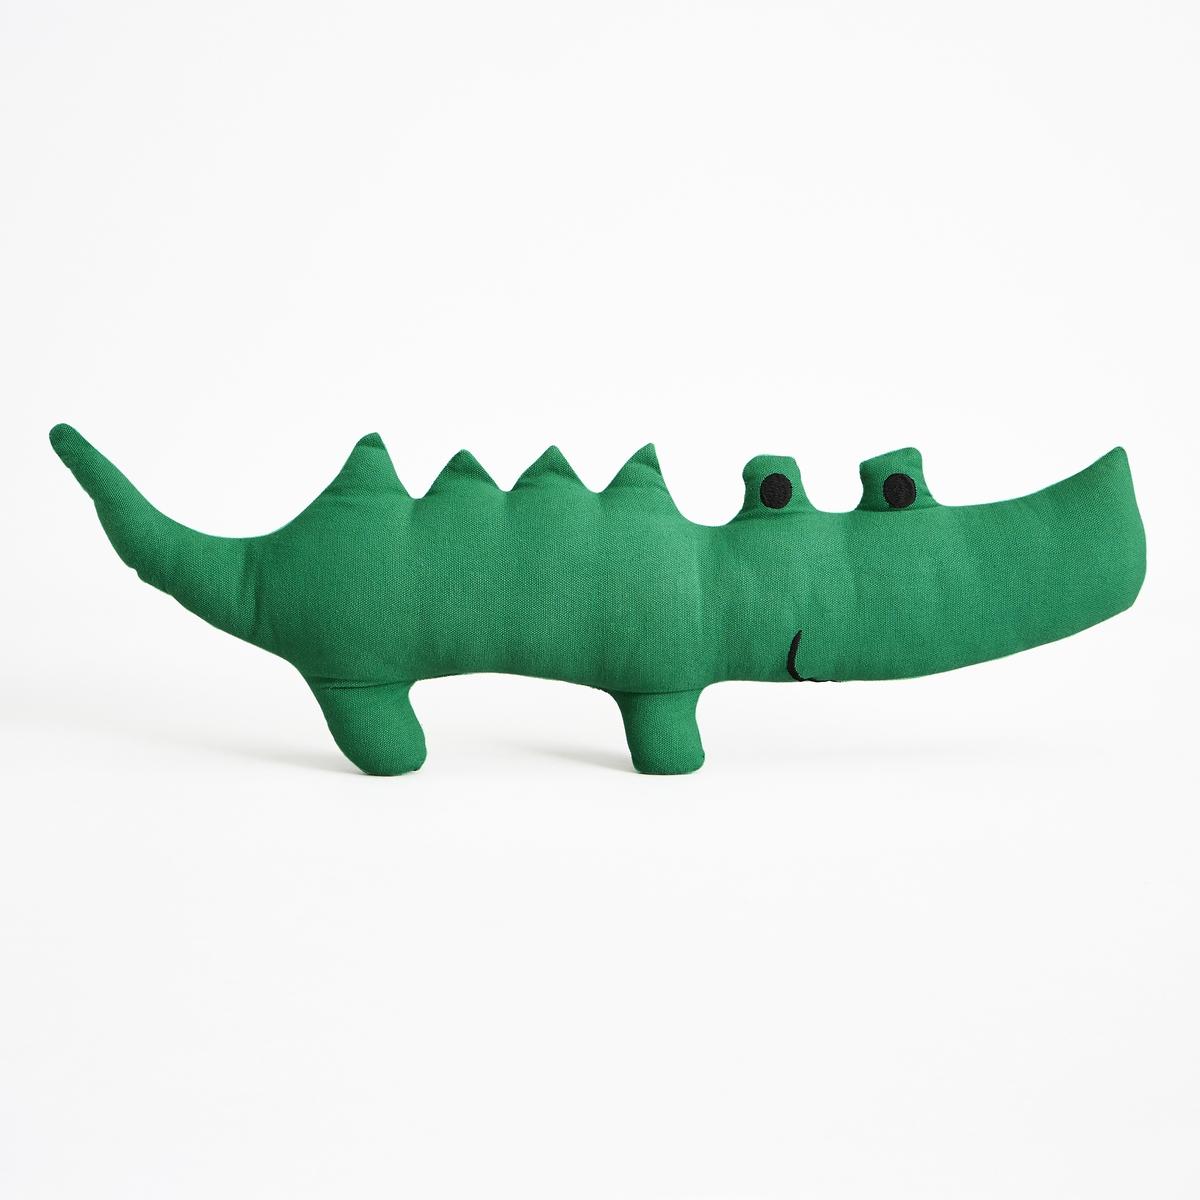 Подушка в форме крокодила PachecoПодушка-крокодил Pacheco. Безобидный и очень послушный, этот крокодил найдёт свое место в кровати вашего ребенка!Характеристики :- Покрытие из 100% хлопка с элементами вышивки- Наполнитель 100% полиэстер- Стирка при 40°C Размеры :- Д65 x В12 x Г7 см<br><br>Цвет: зеленый